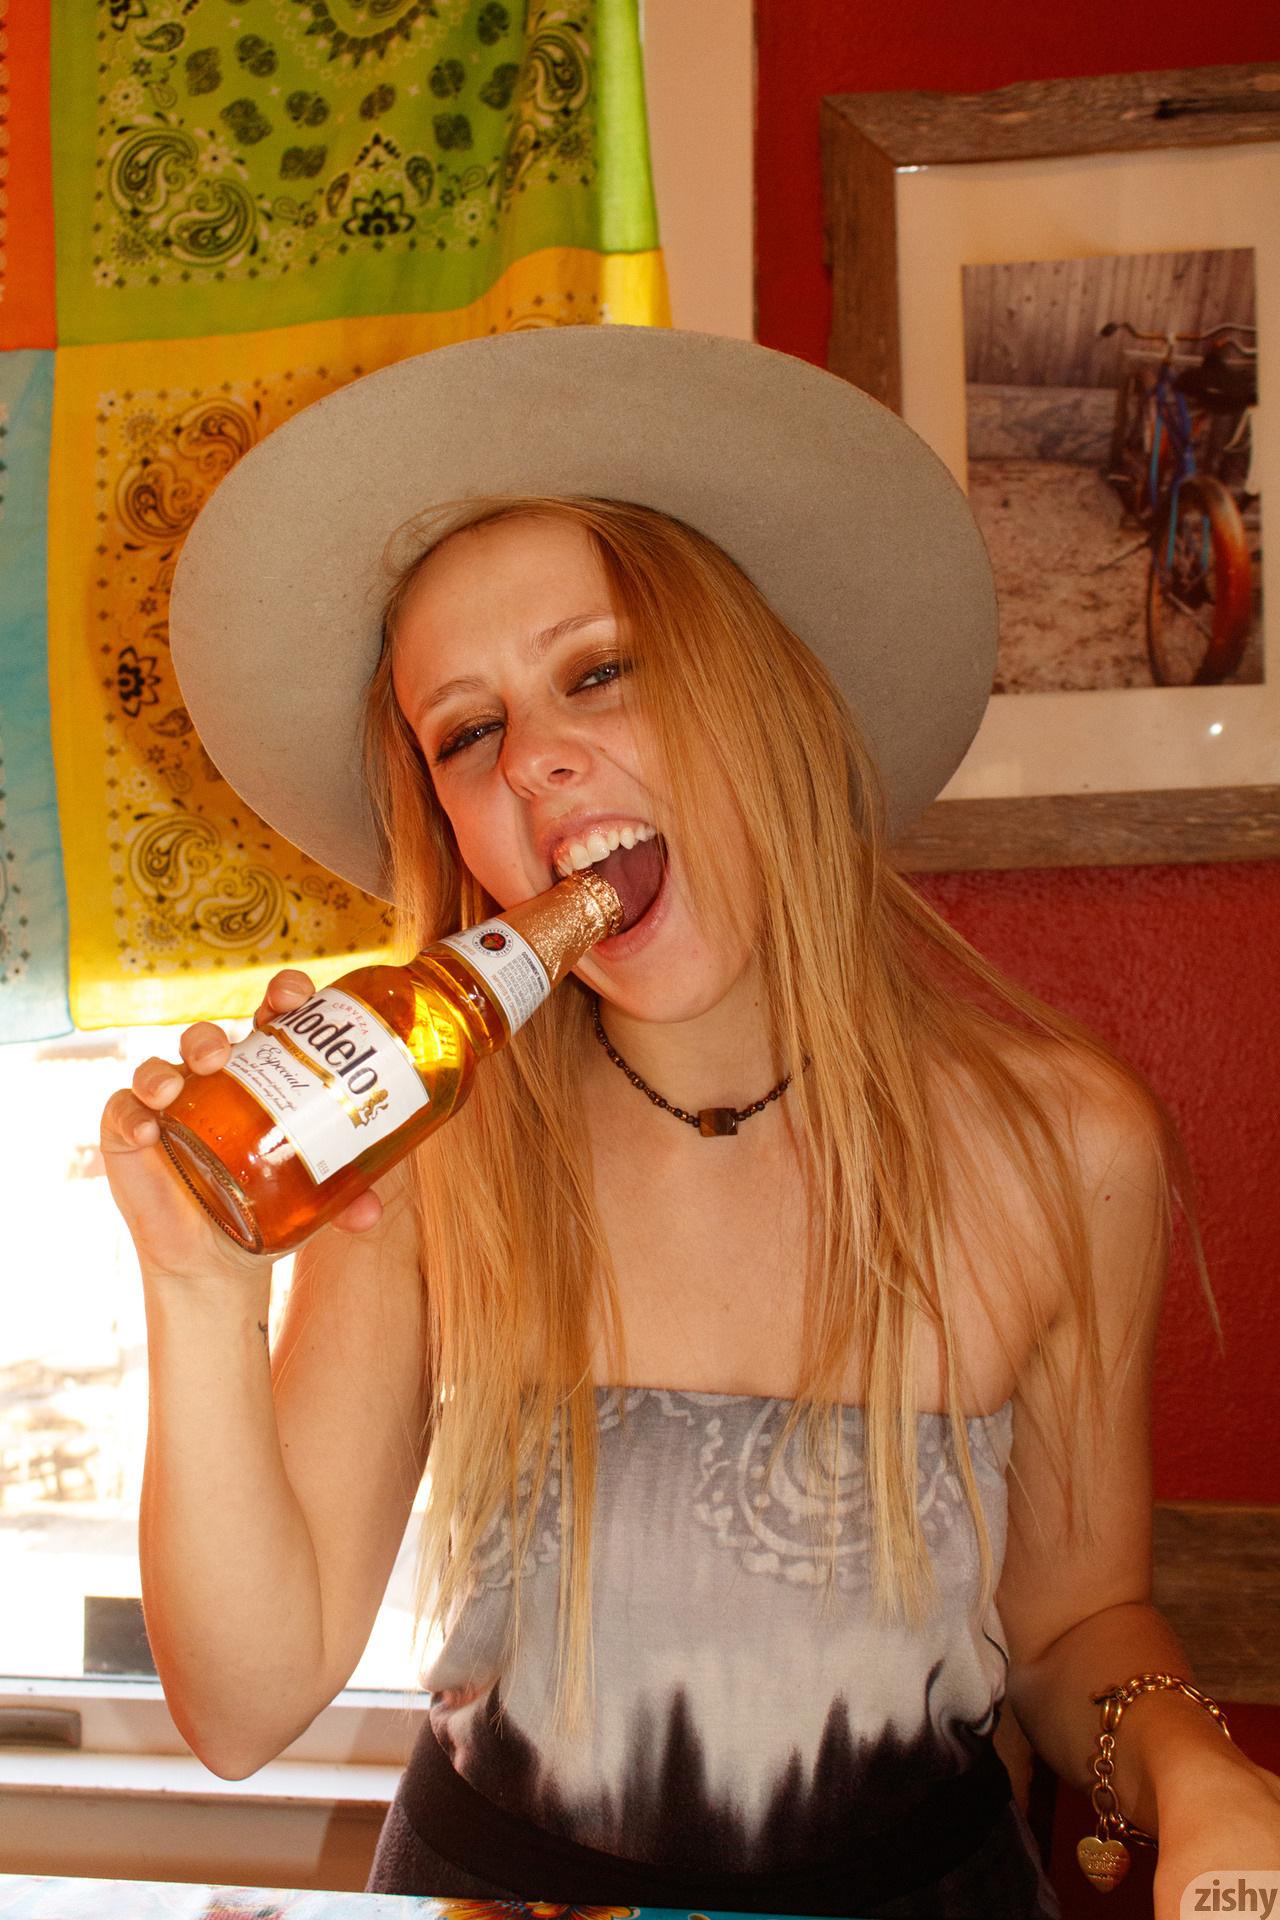 Helen Bergstrom Holy Guacamole Zishy (1)